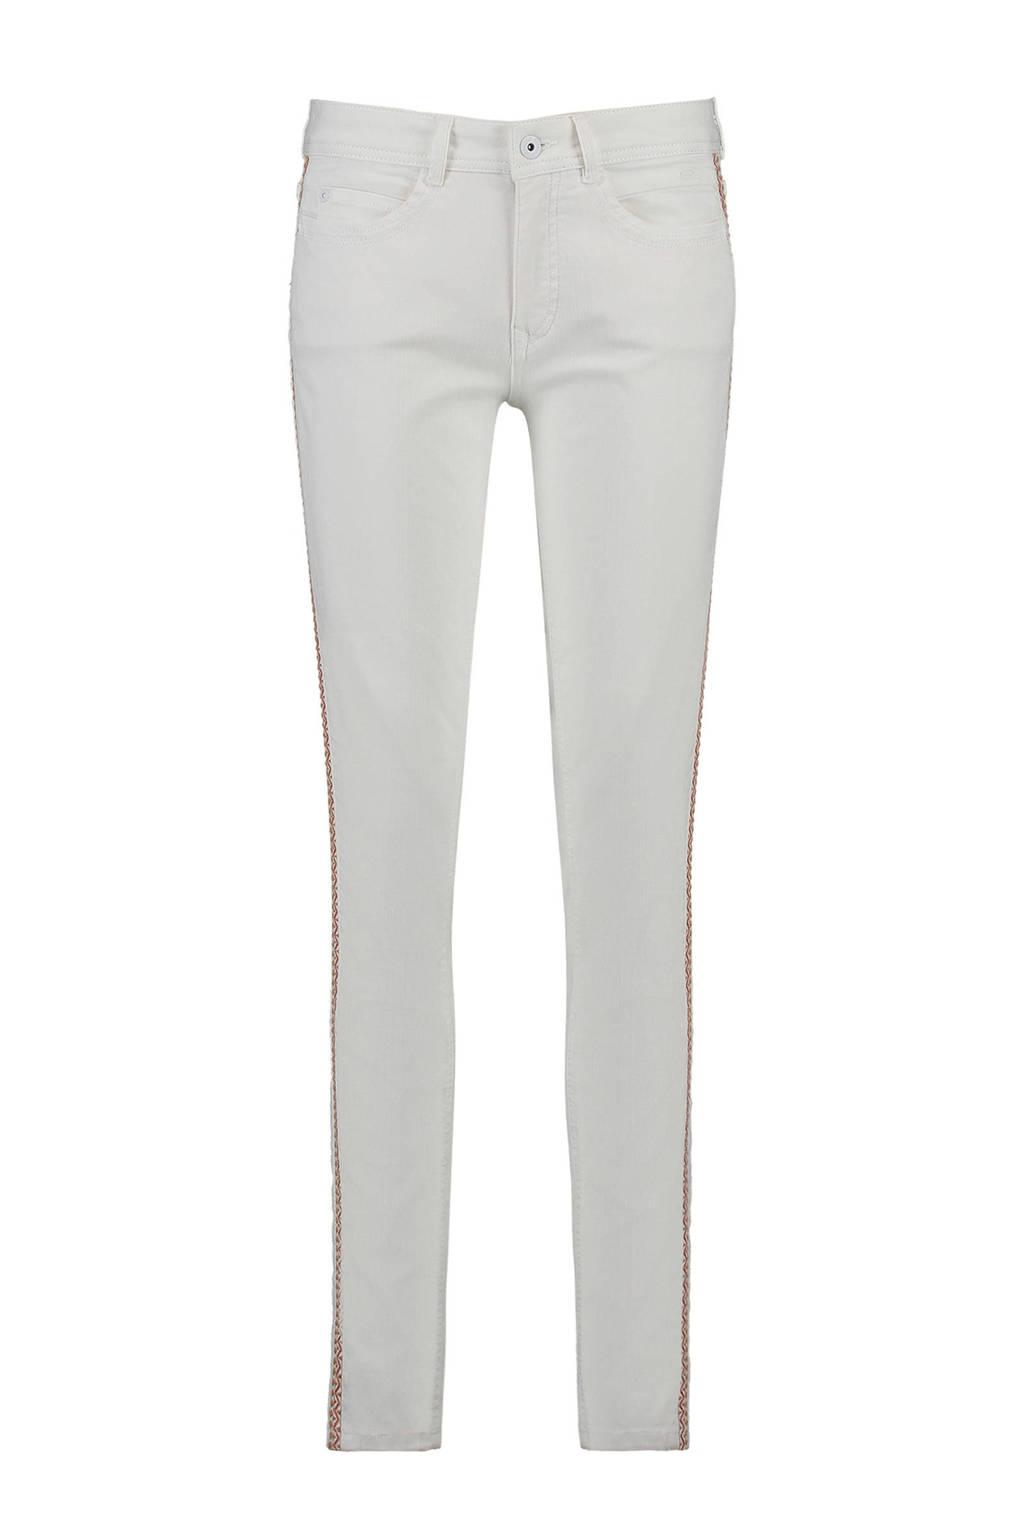 Expresso slim fit broek met zijstreep gebroken wit, Gebroken wit